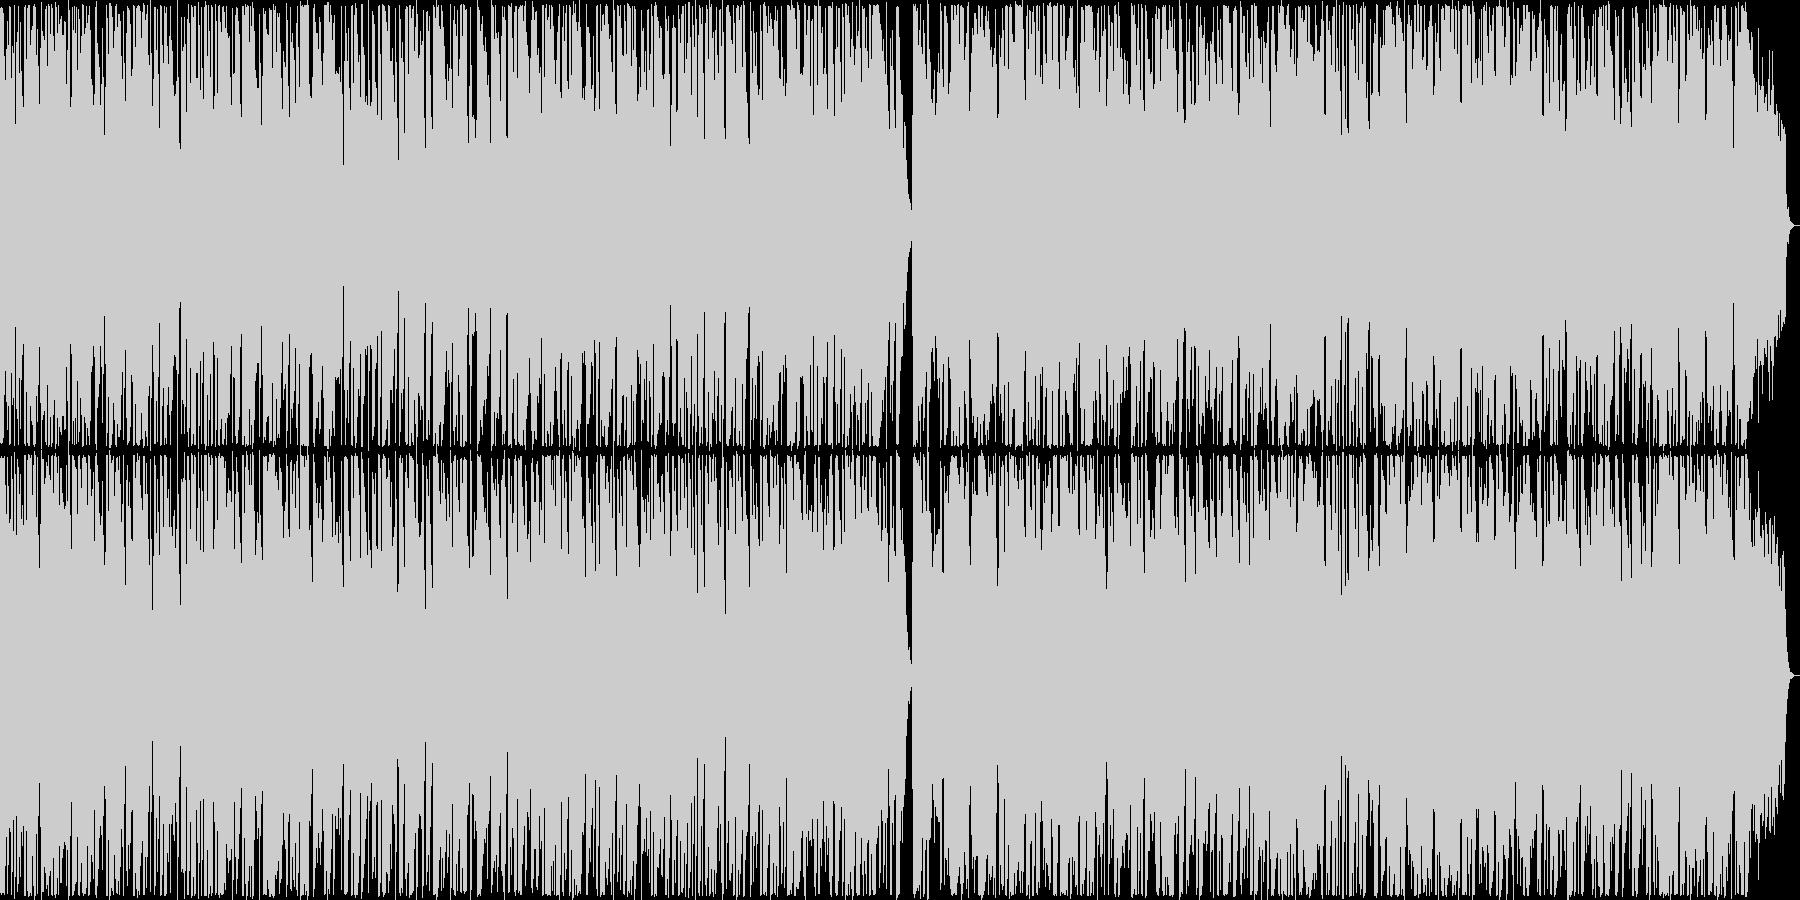 フルートのリラックス効果抜群なバラード の未再生の波形